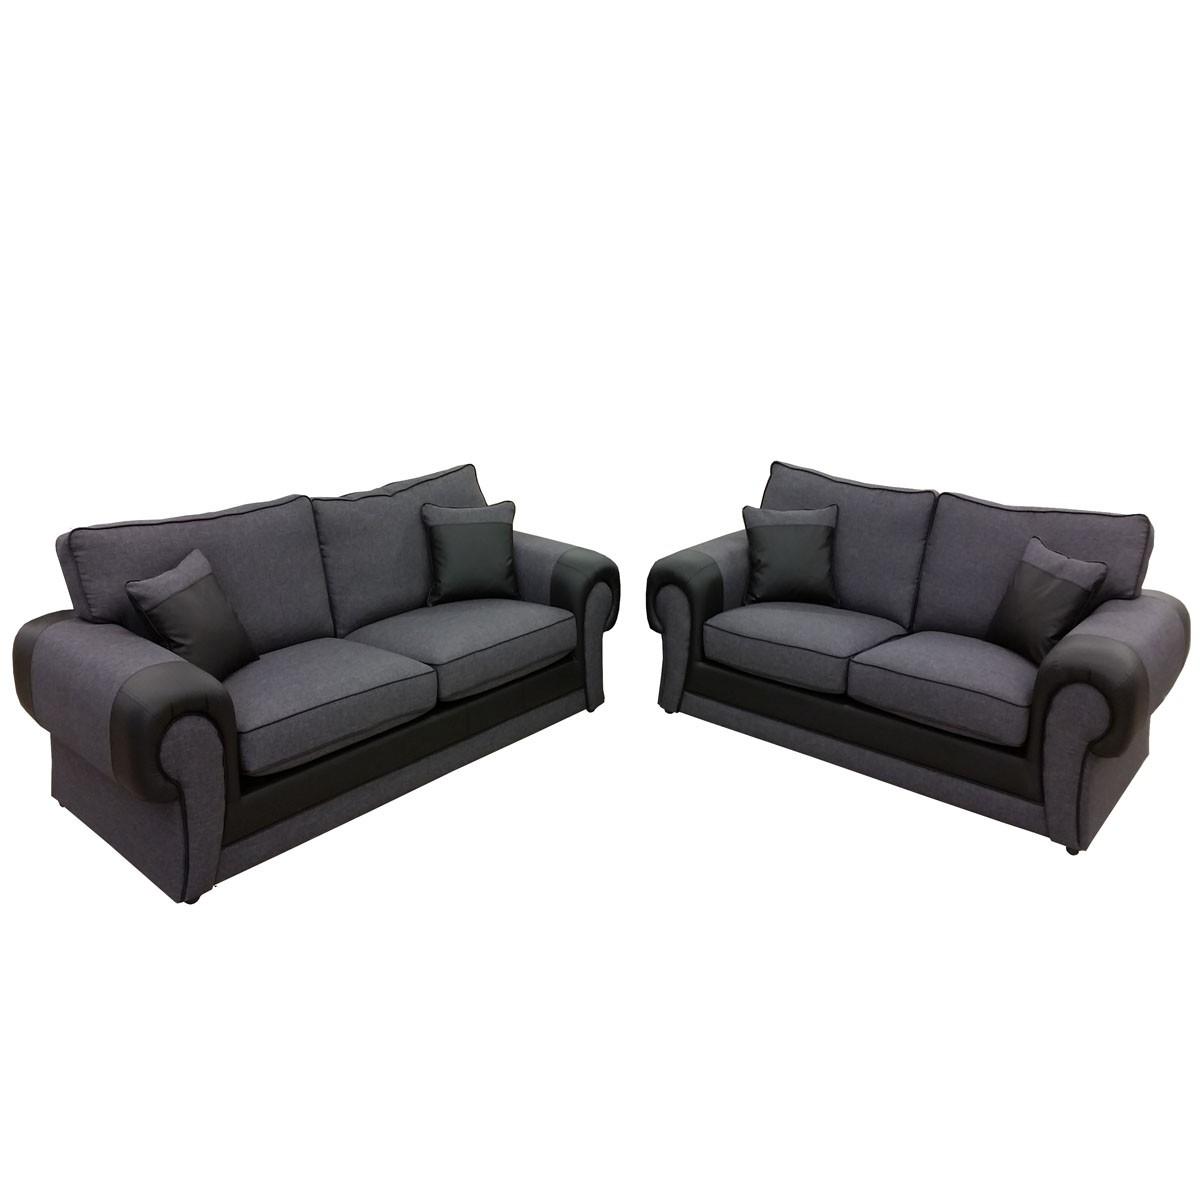 Canapé 3 places et canapé 2 places tissu gris et pvc noir